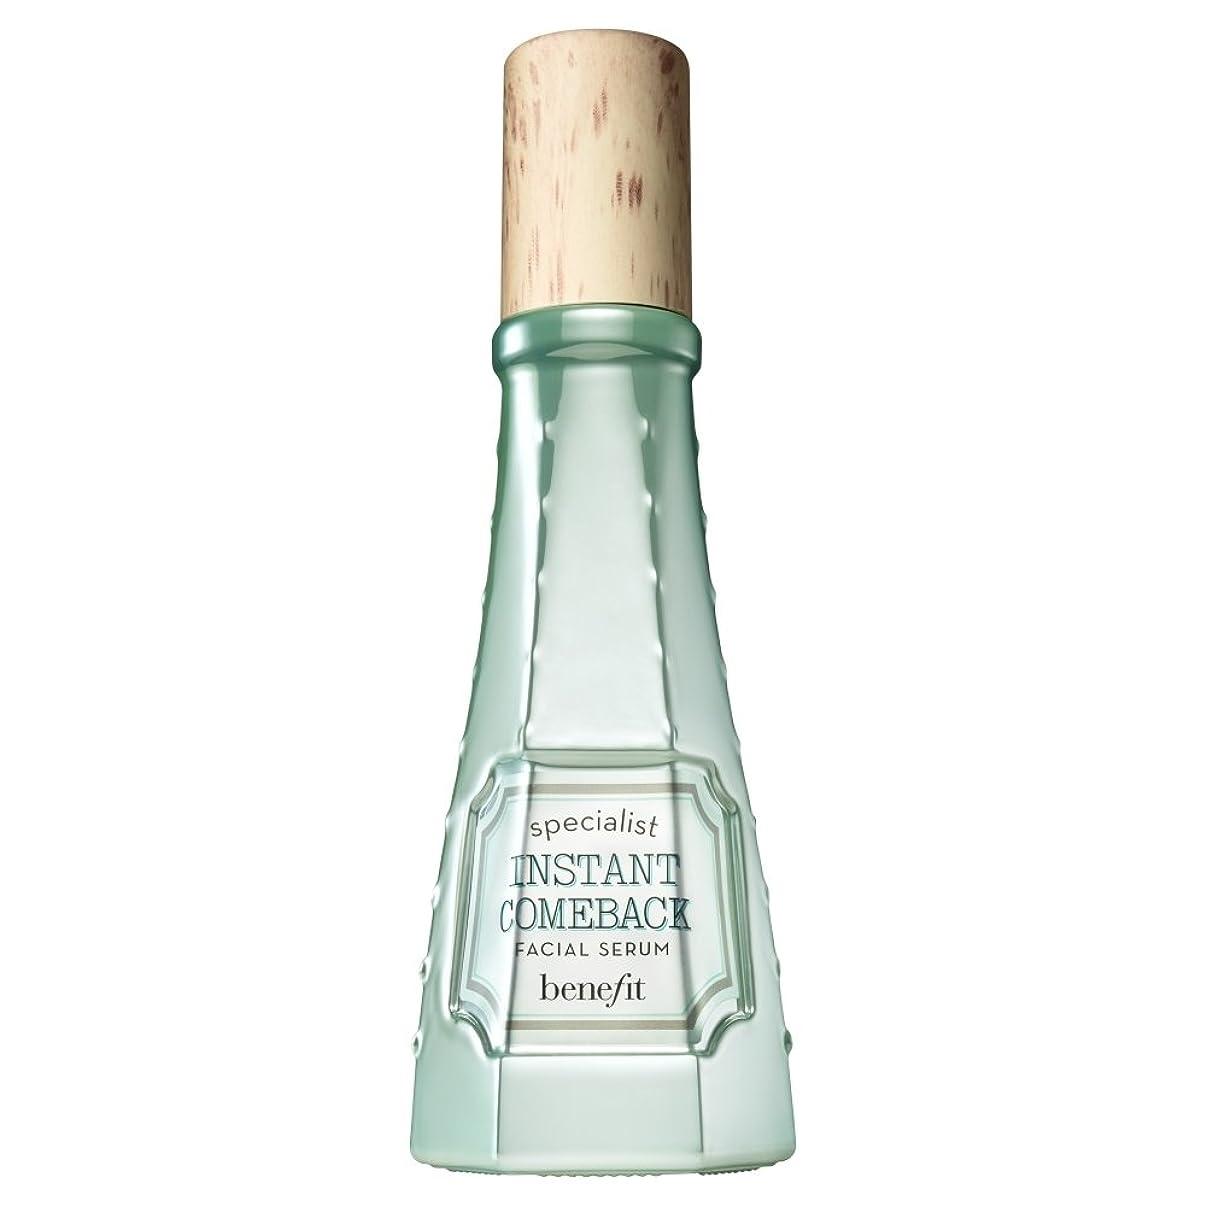 水を飲むとげタイプインスタントカムバック顔の血清30ミリリットルに利益をもたらします (Benefit) (x6) - Benefit Instant Comeback Facial Serum 30ml (Pack of 6) [並行輸入品]